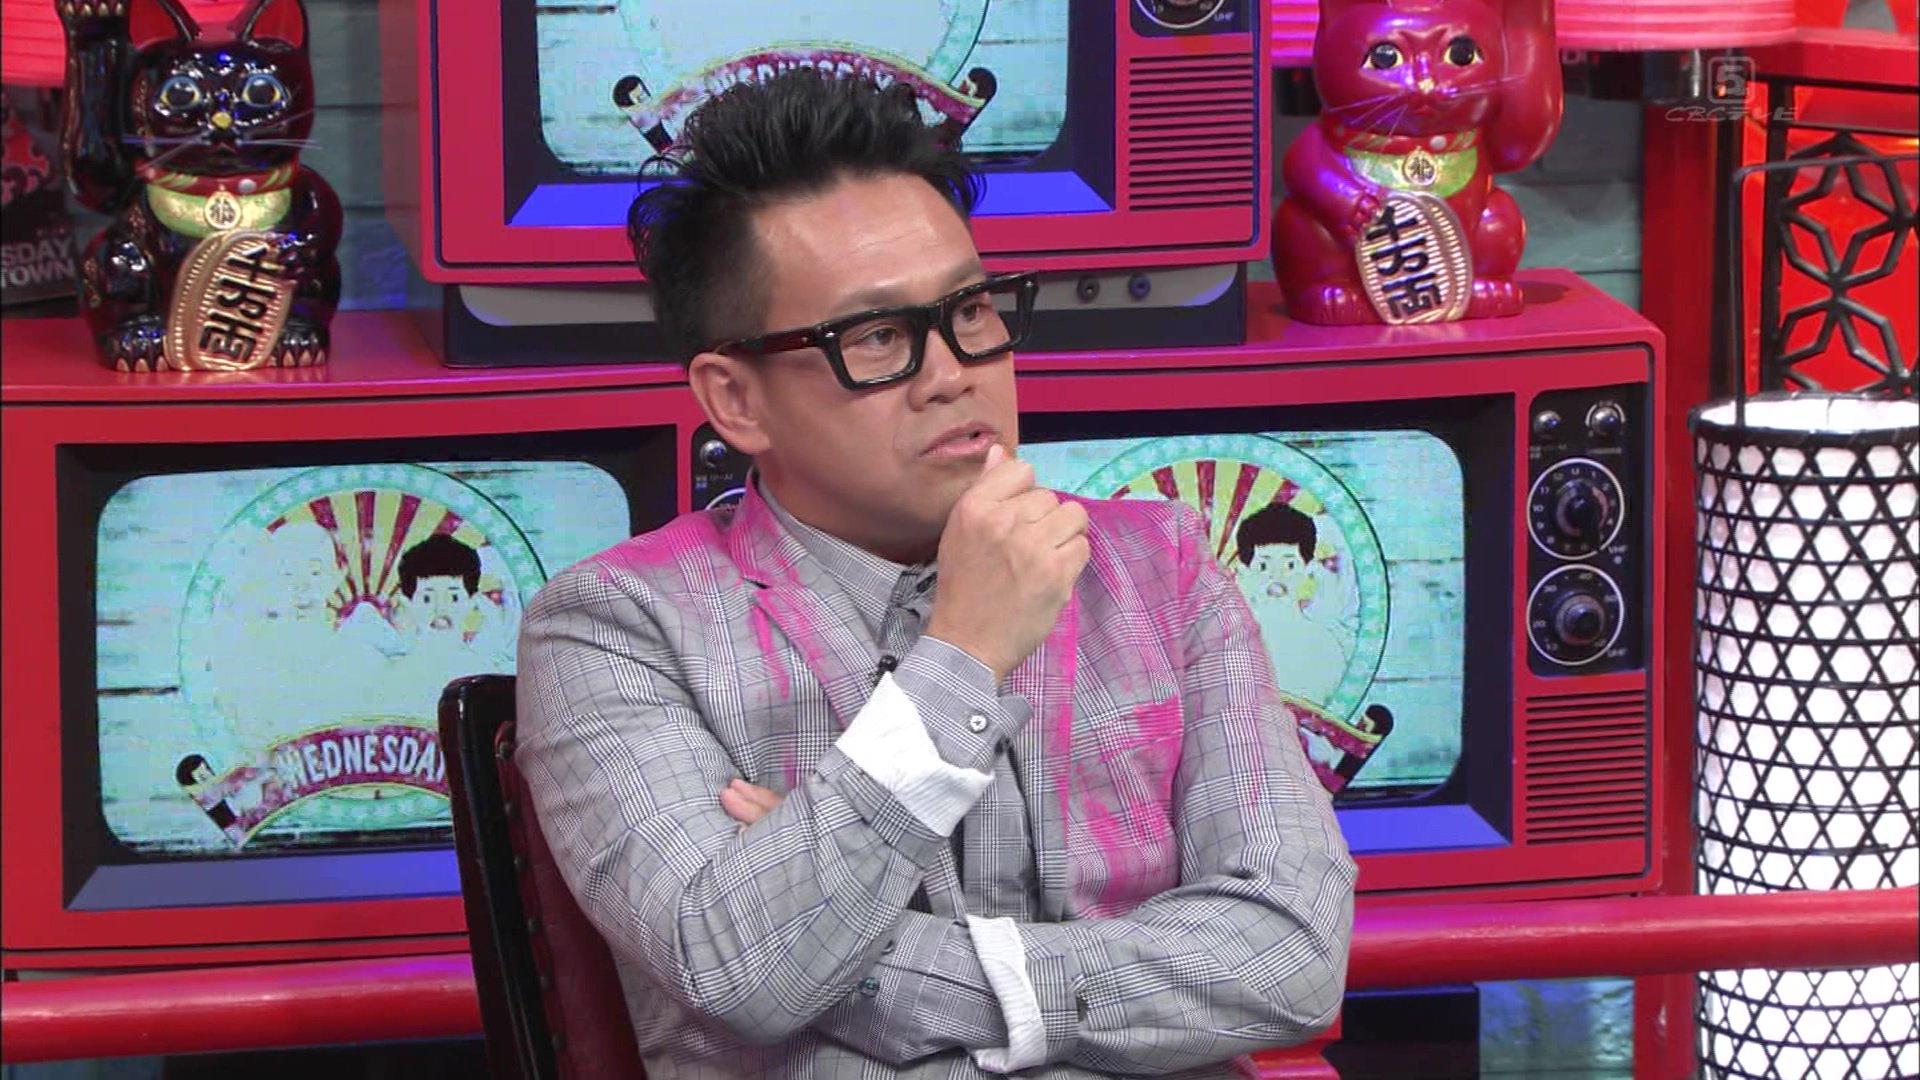 画像,『水曜日のダウンタウン』を追っかけ視聴中。宮川大輔のスーツは、あれはああいう柄なの? https://t.co/uGqS3CTQEo…